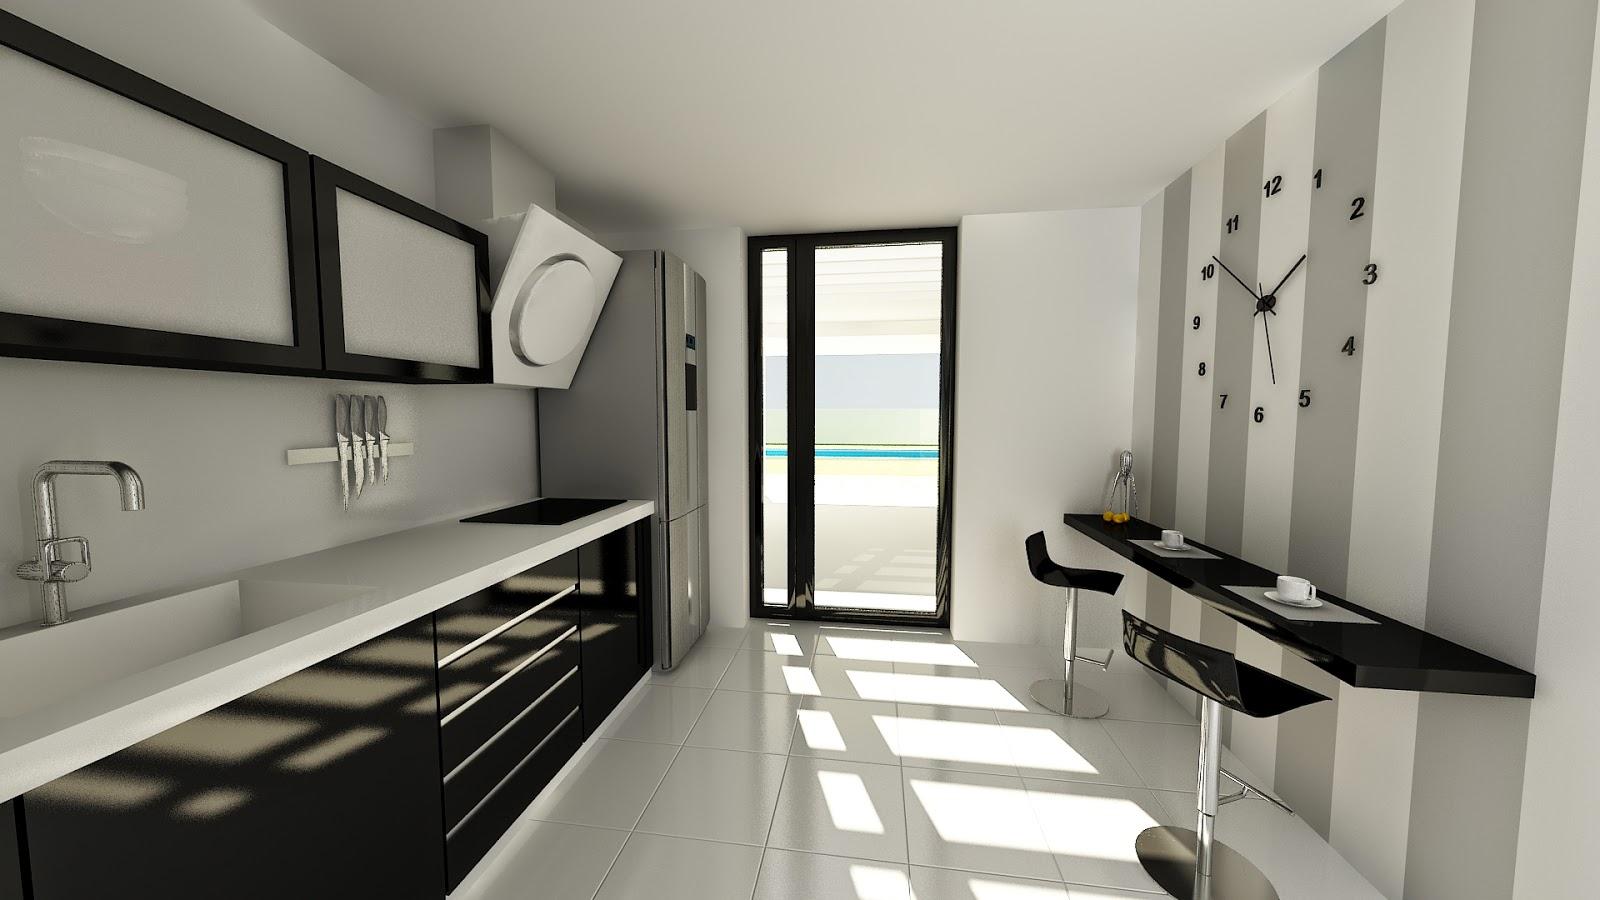 Sistemas de ventilaci n en viviendas modulares resan modular - Paneles para cocina ...